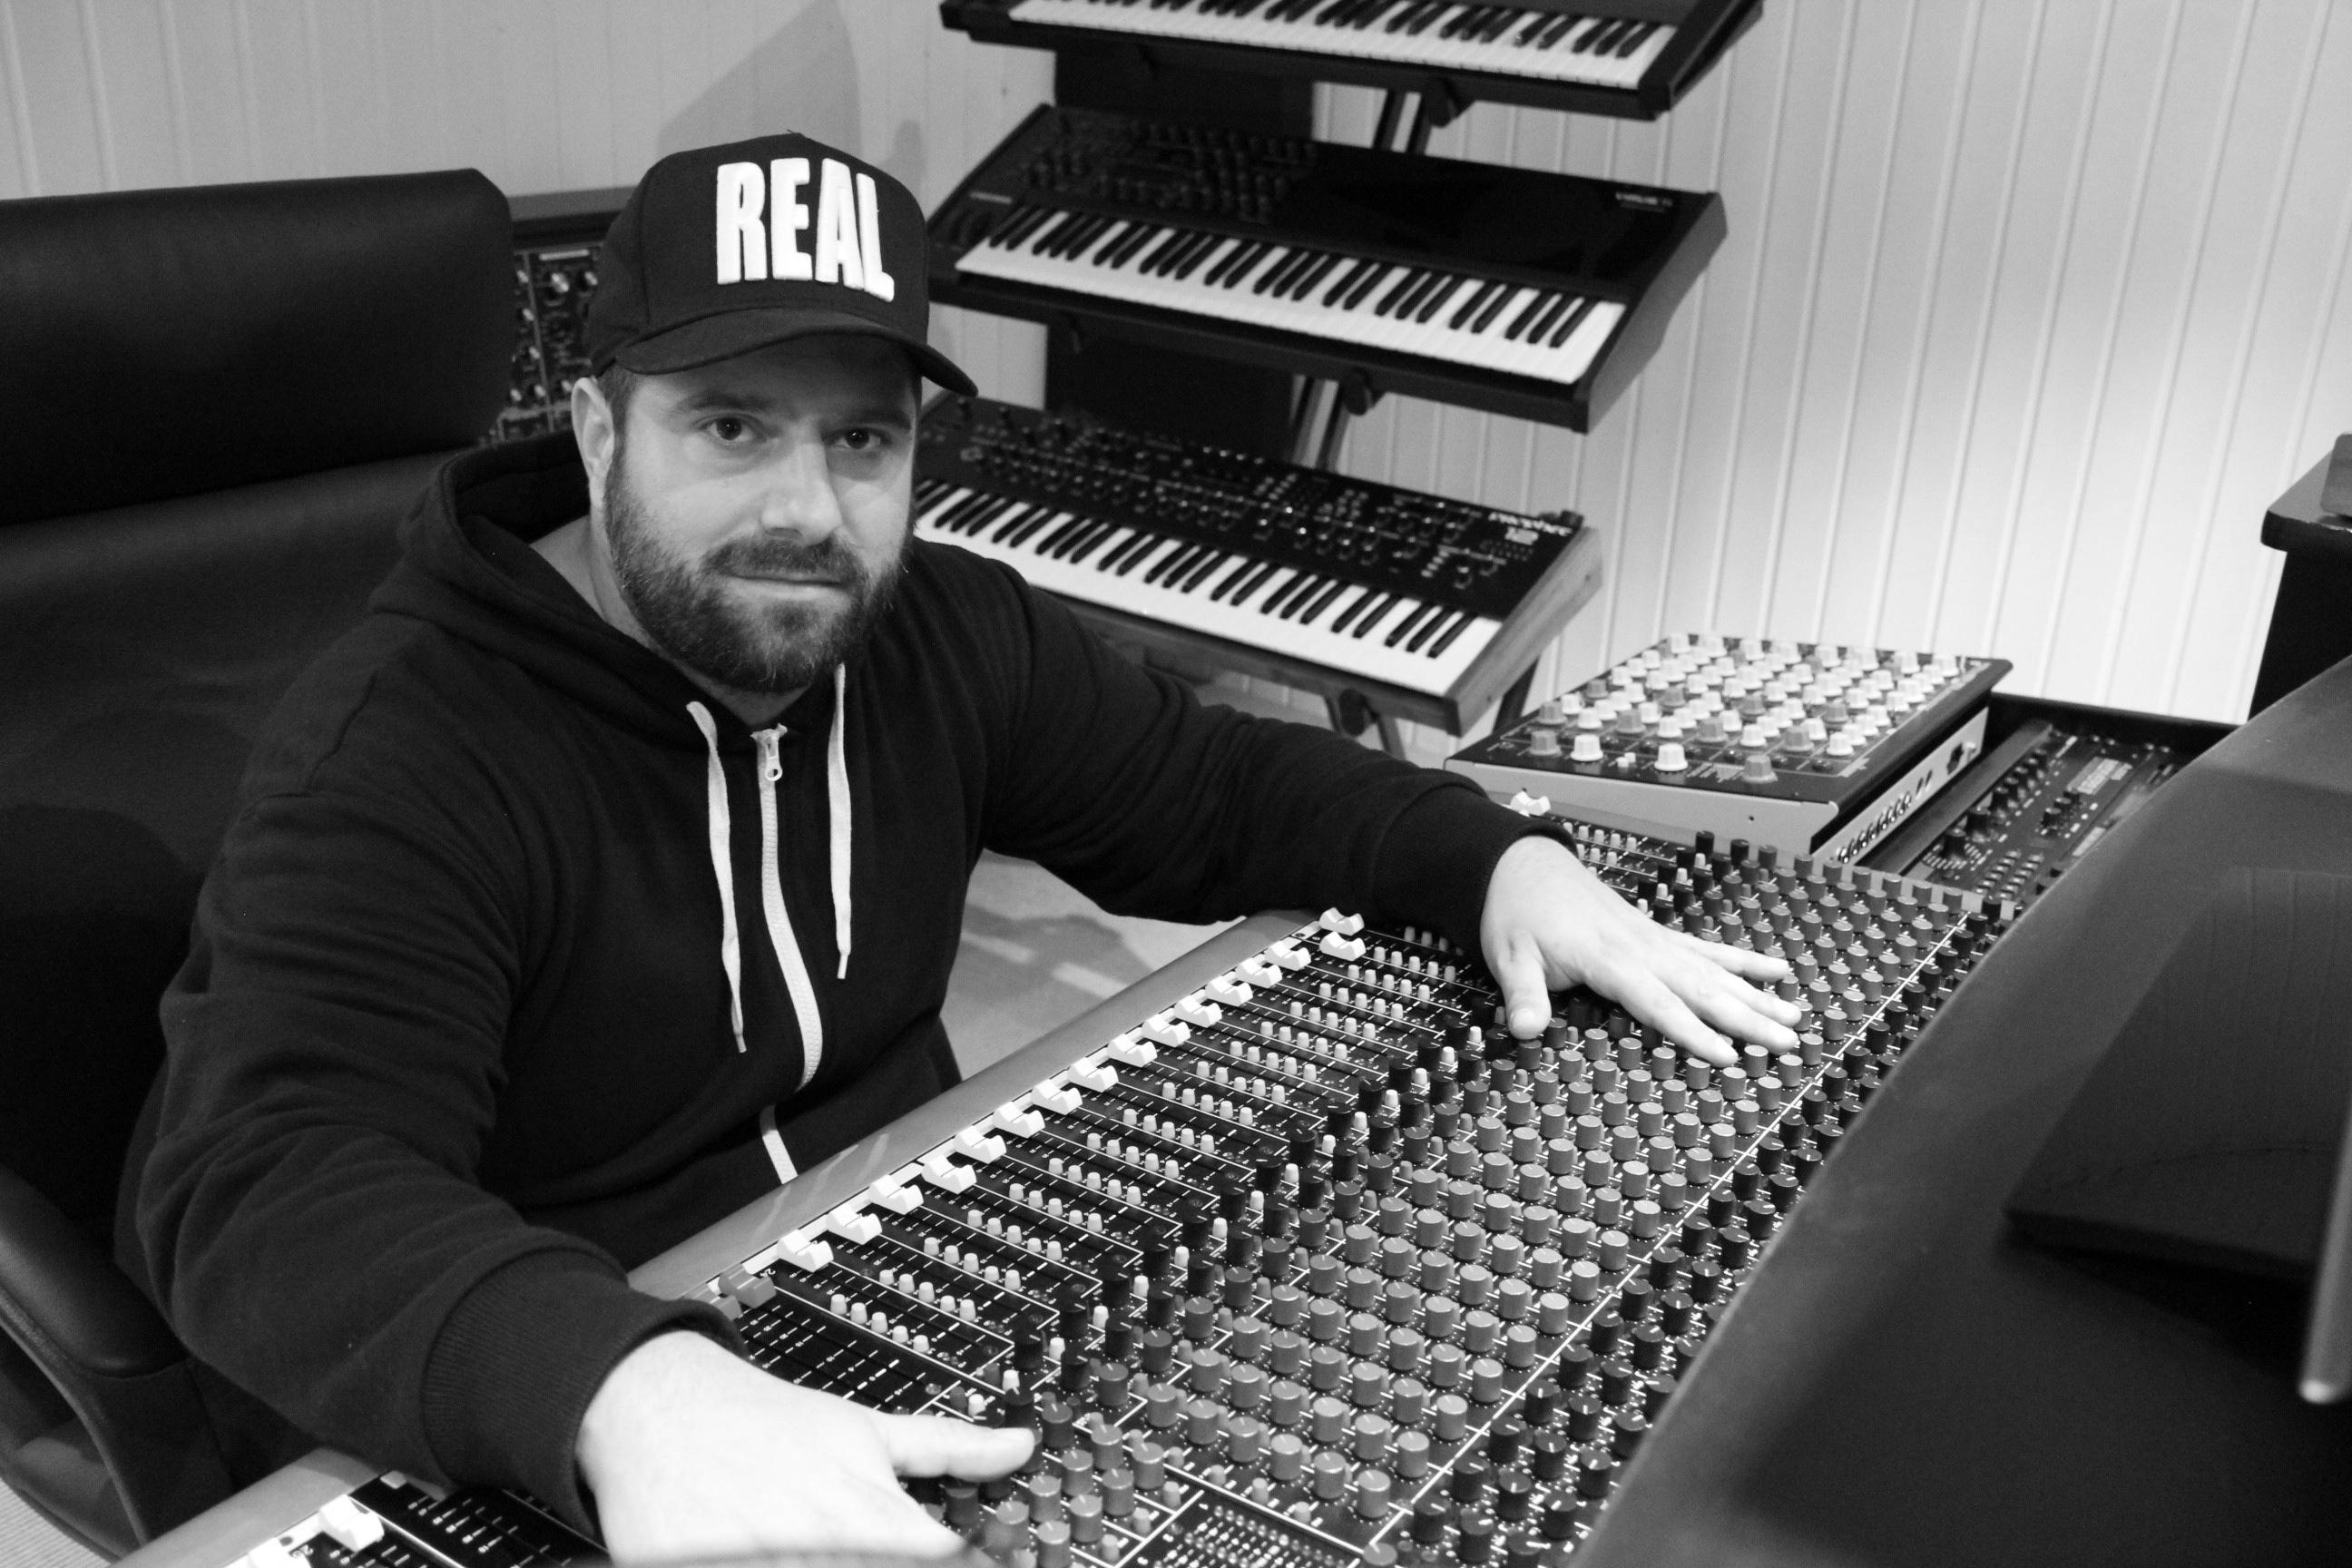 Johannes Heil nos dejó conocer su estudio para hablar de su reciente LP